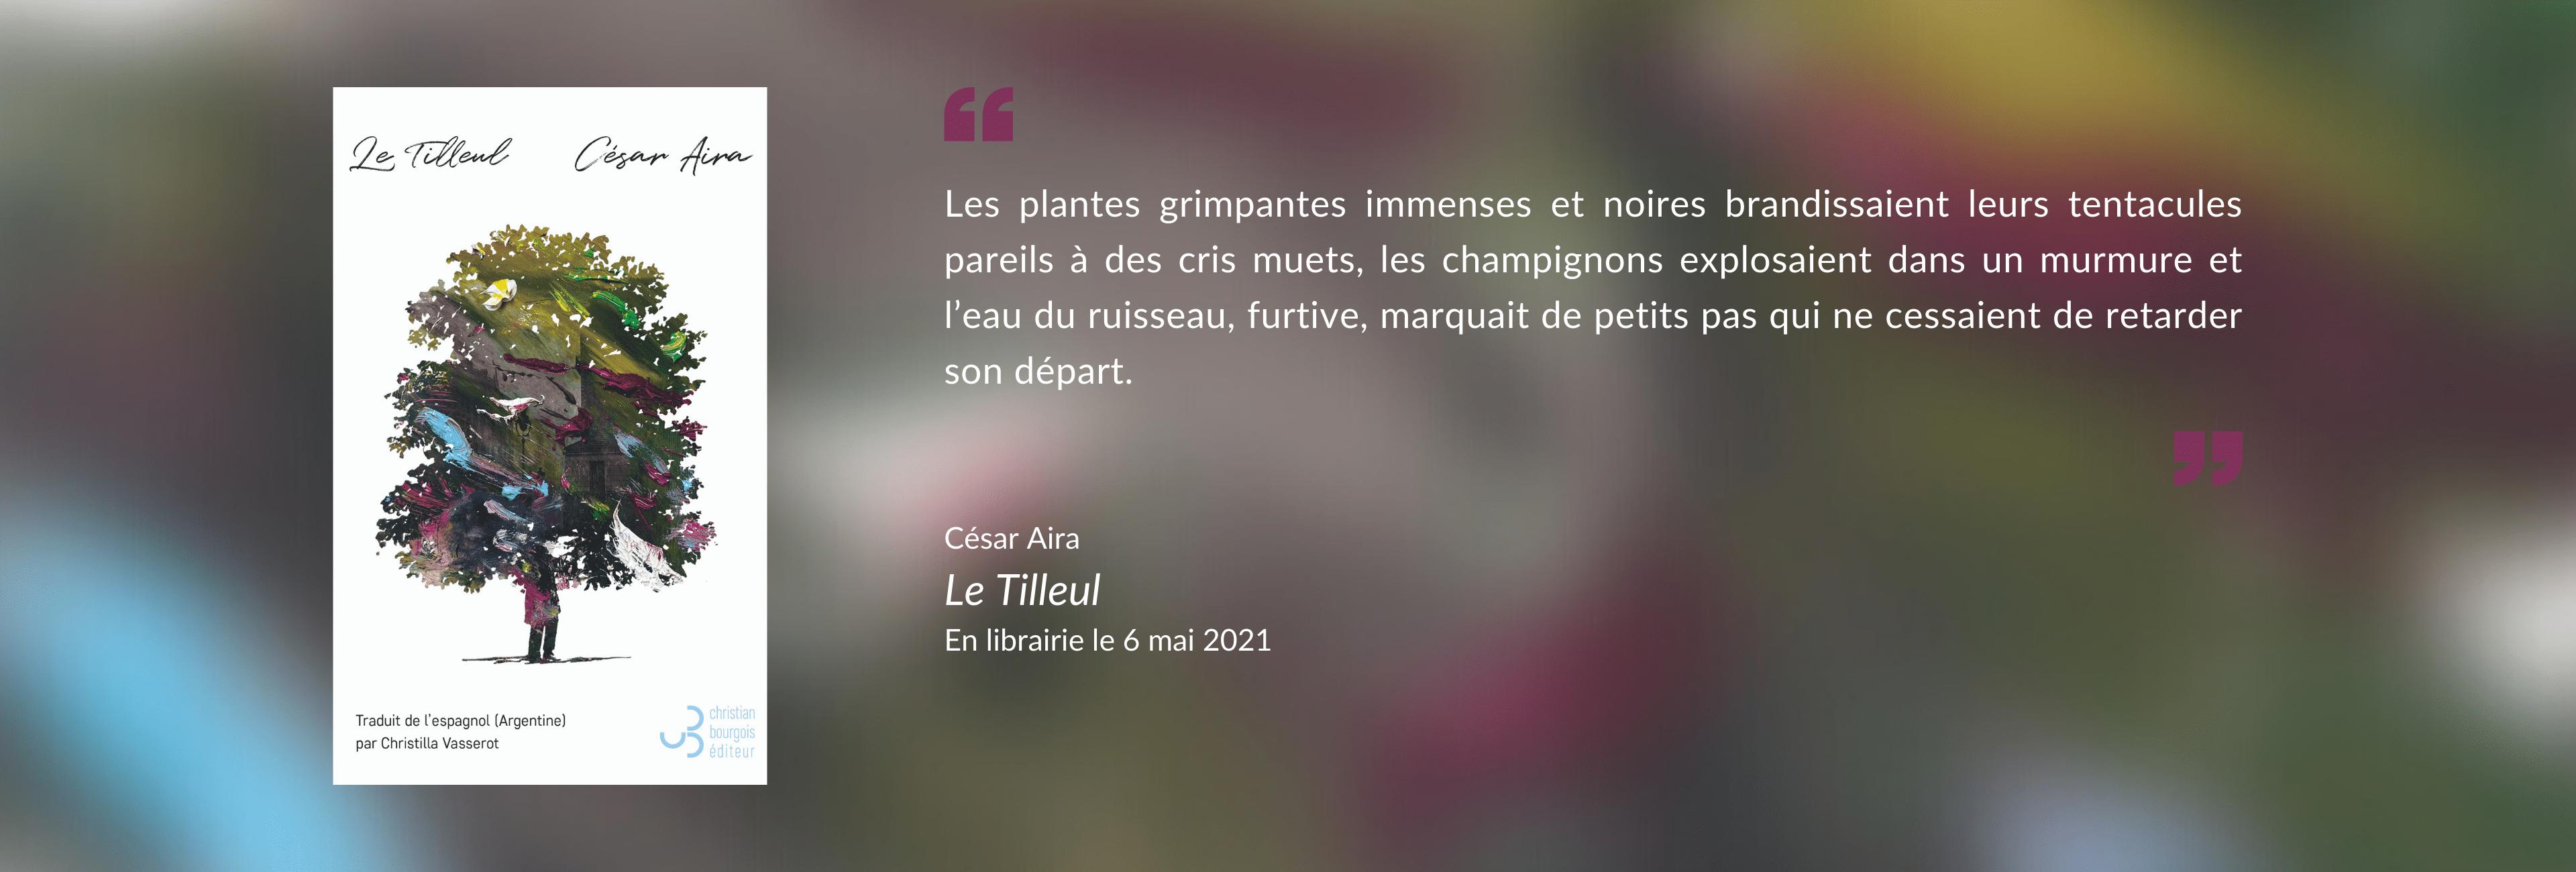 Aira - Le Tilleul